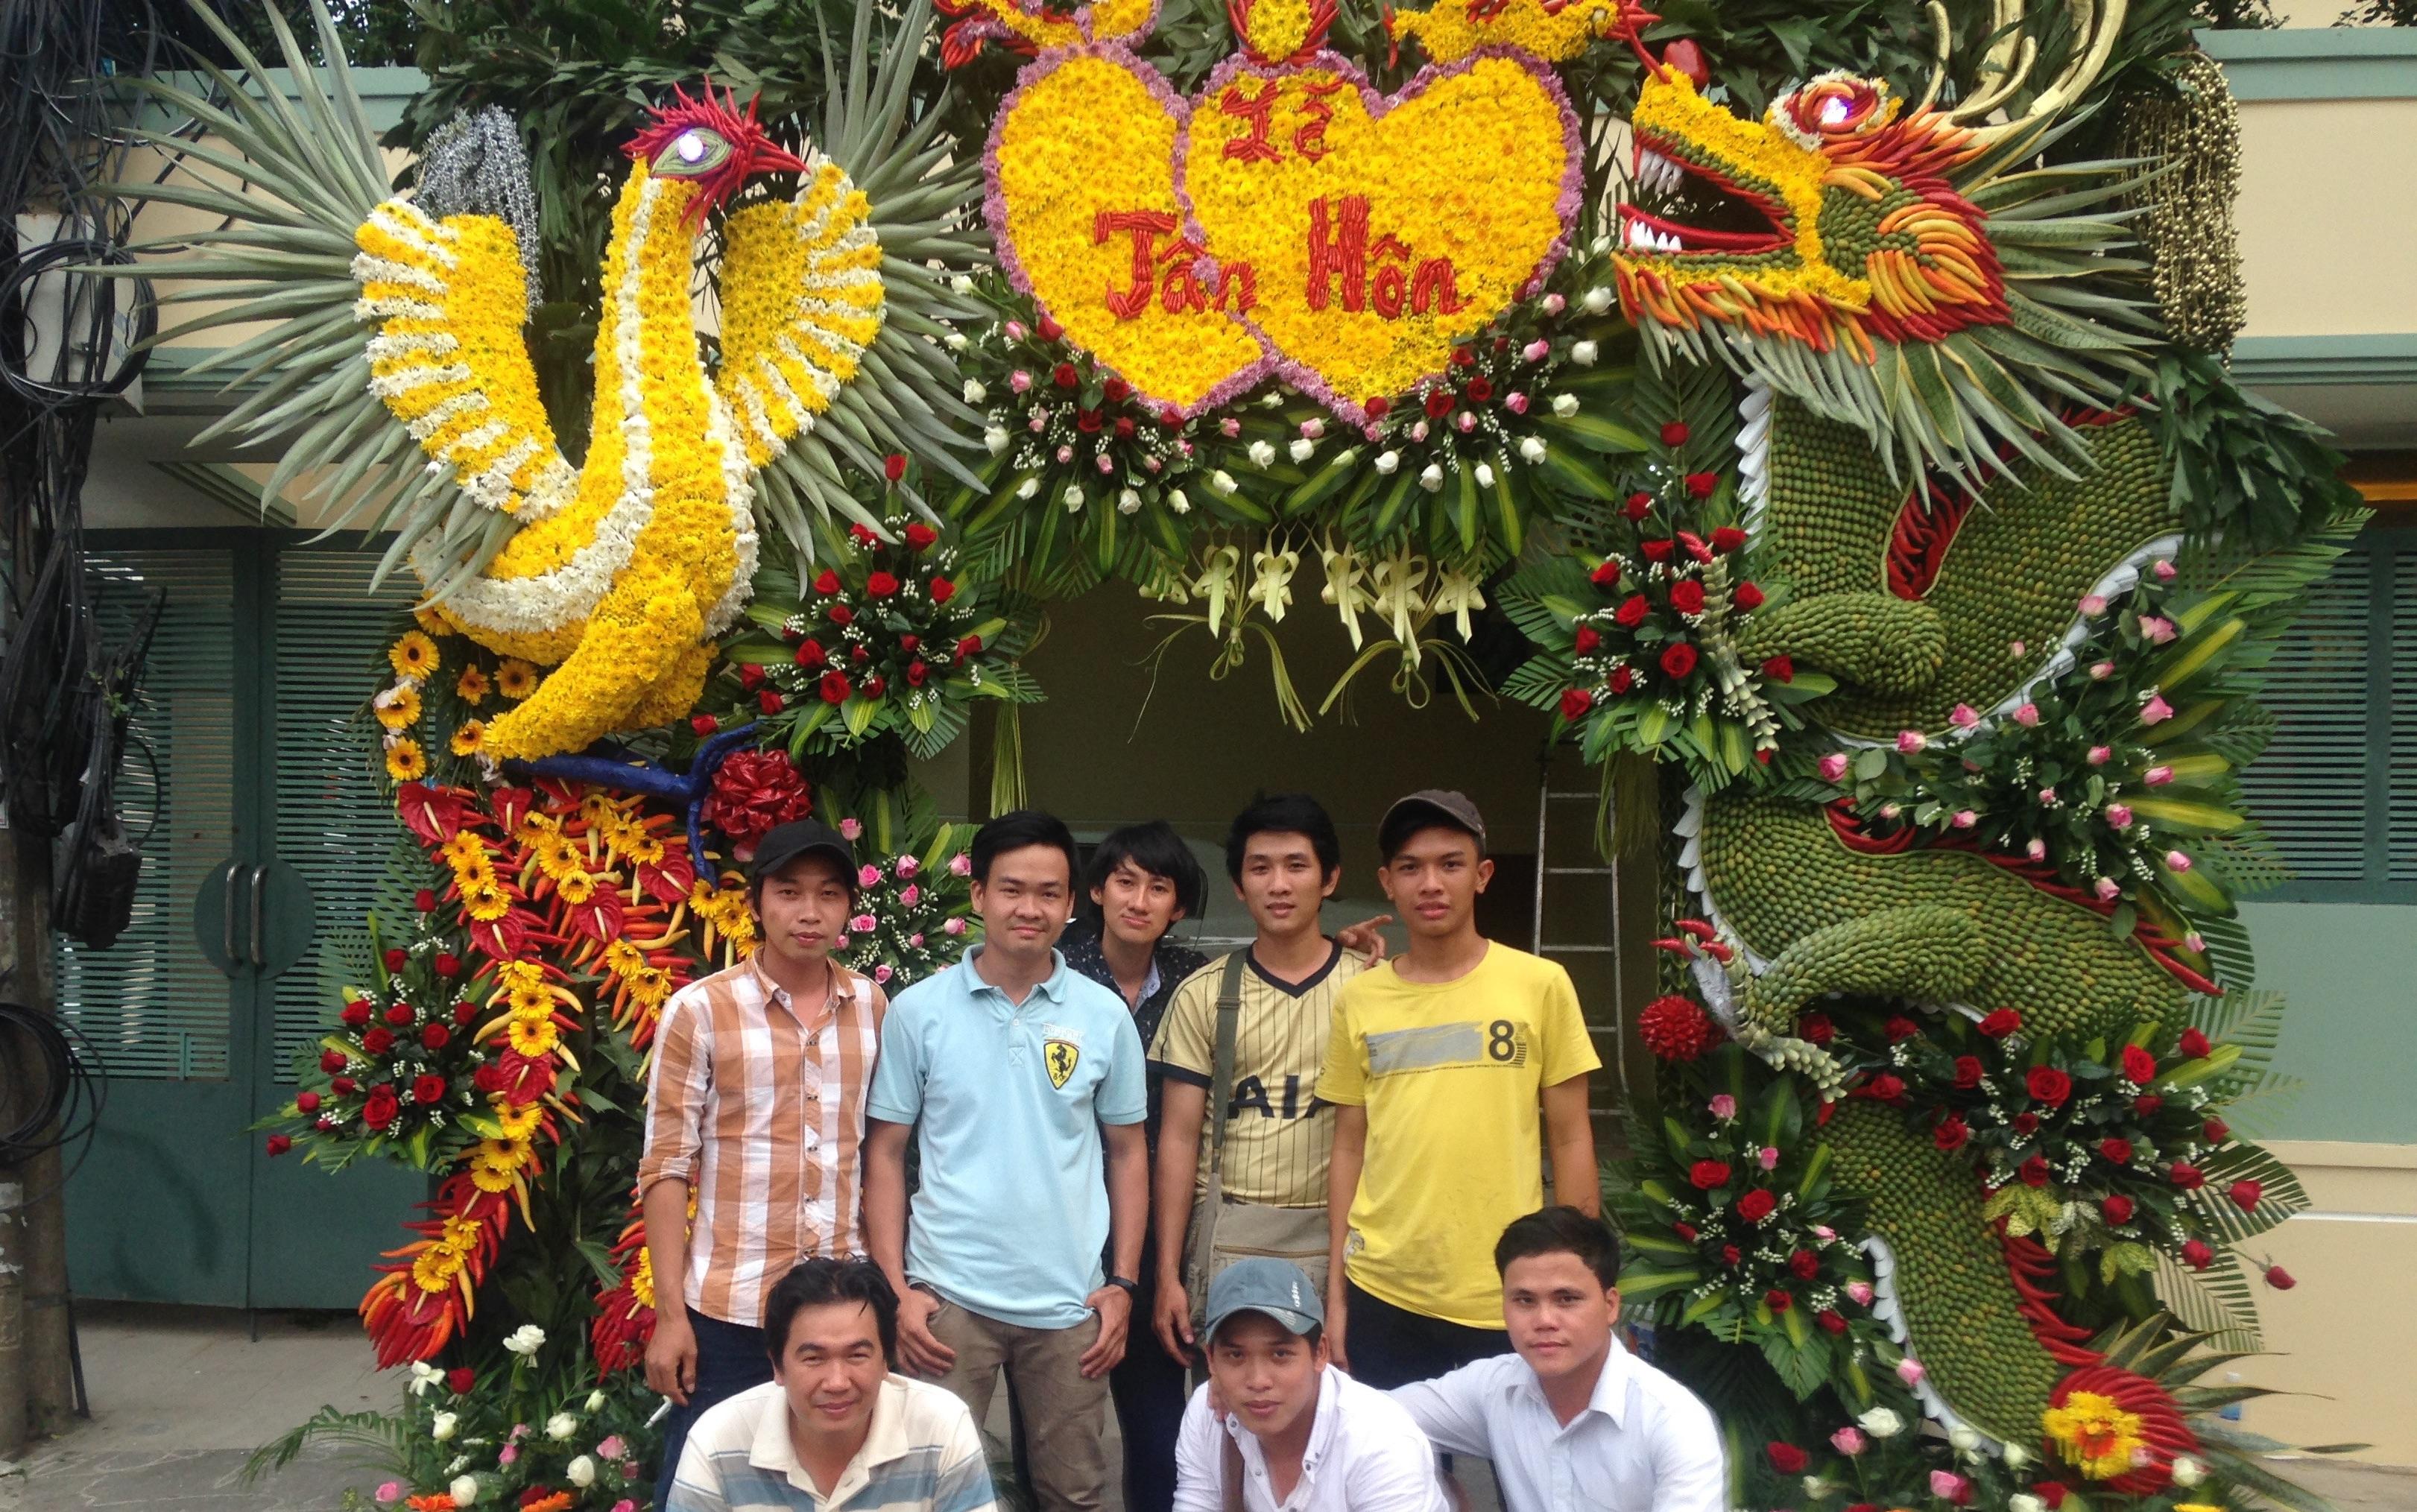 Dân Trí – Chiếc cổng cưới đậm sắc miền quê Nam bộ giữa lòng Sài thành